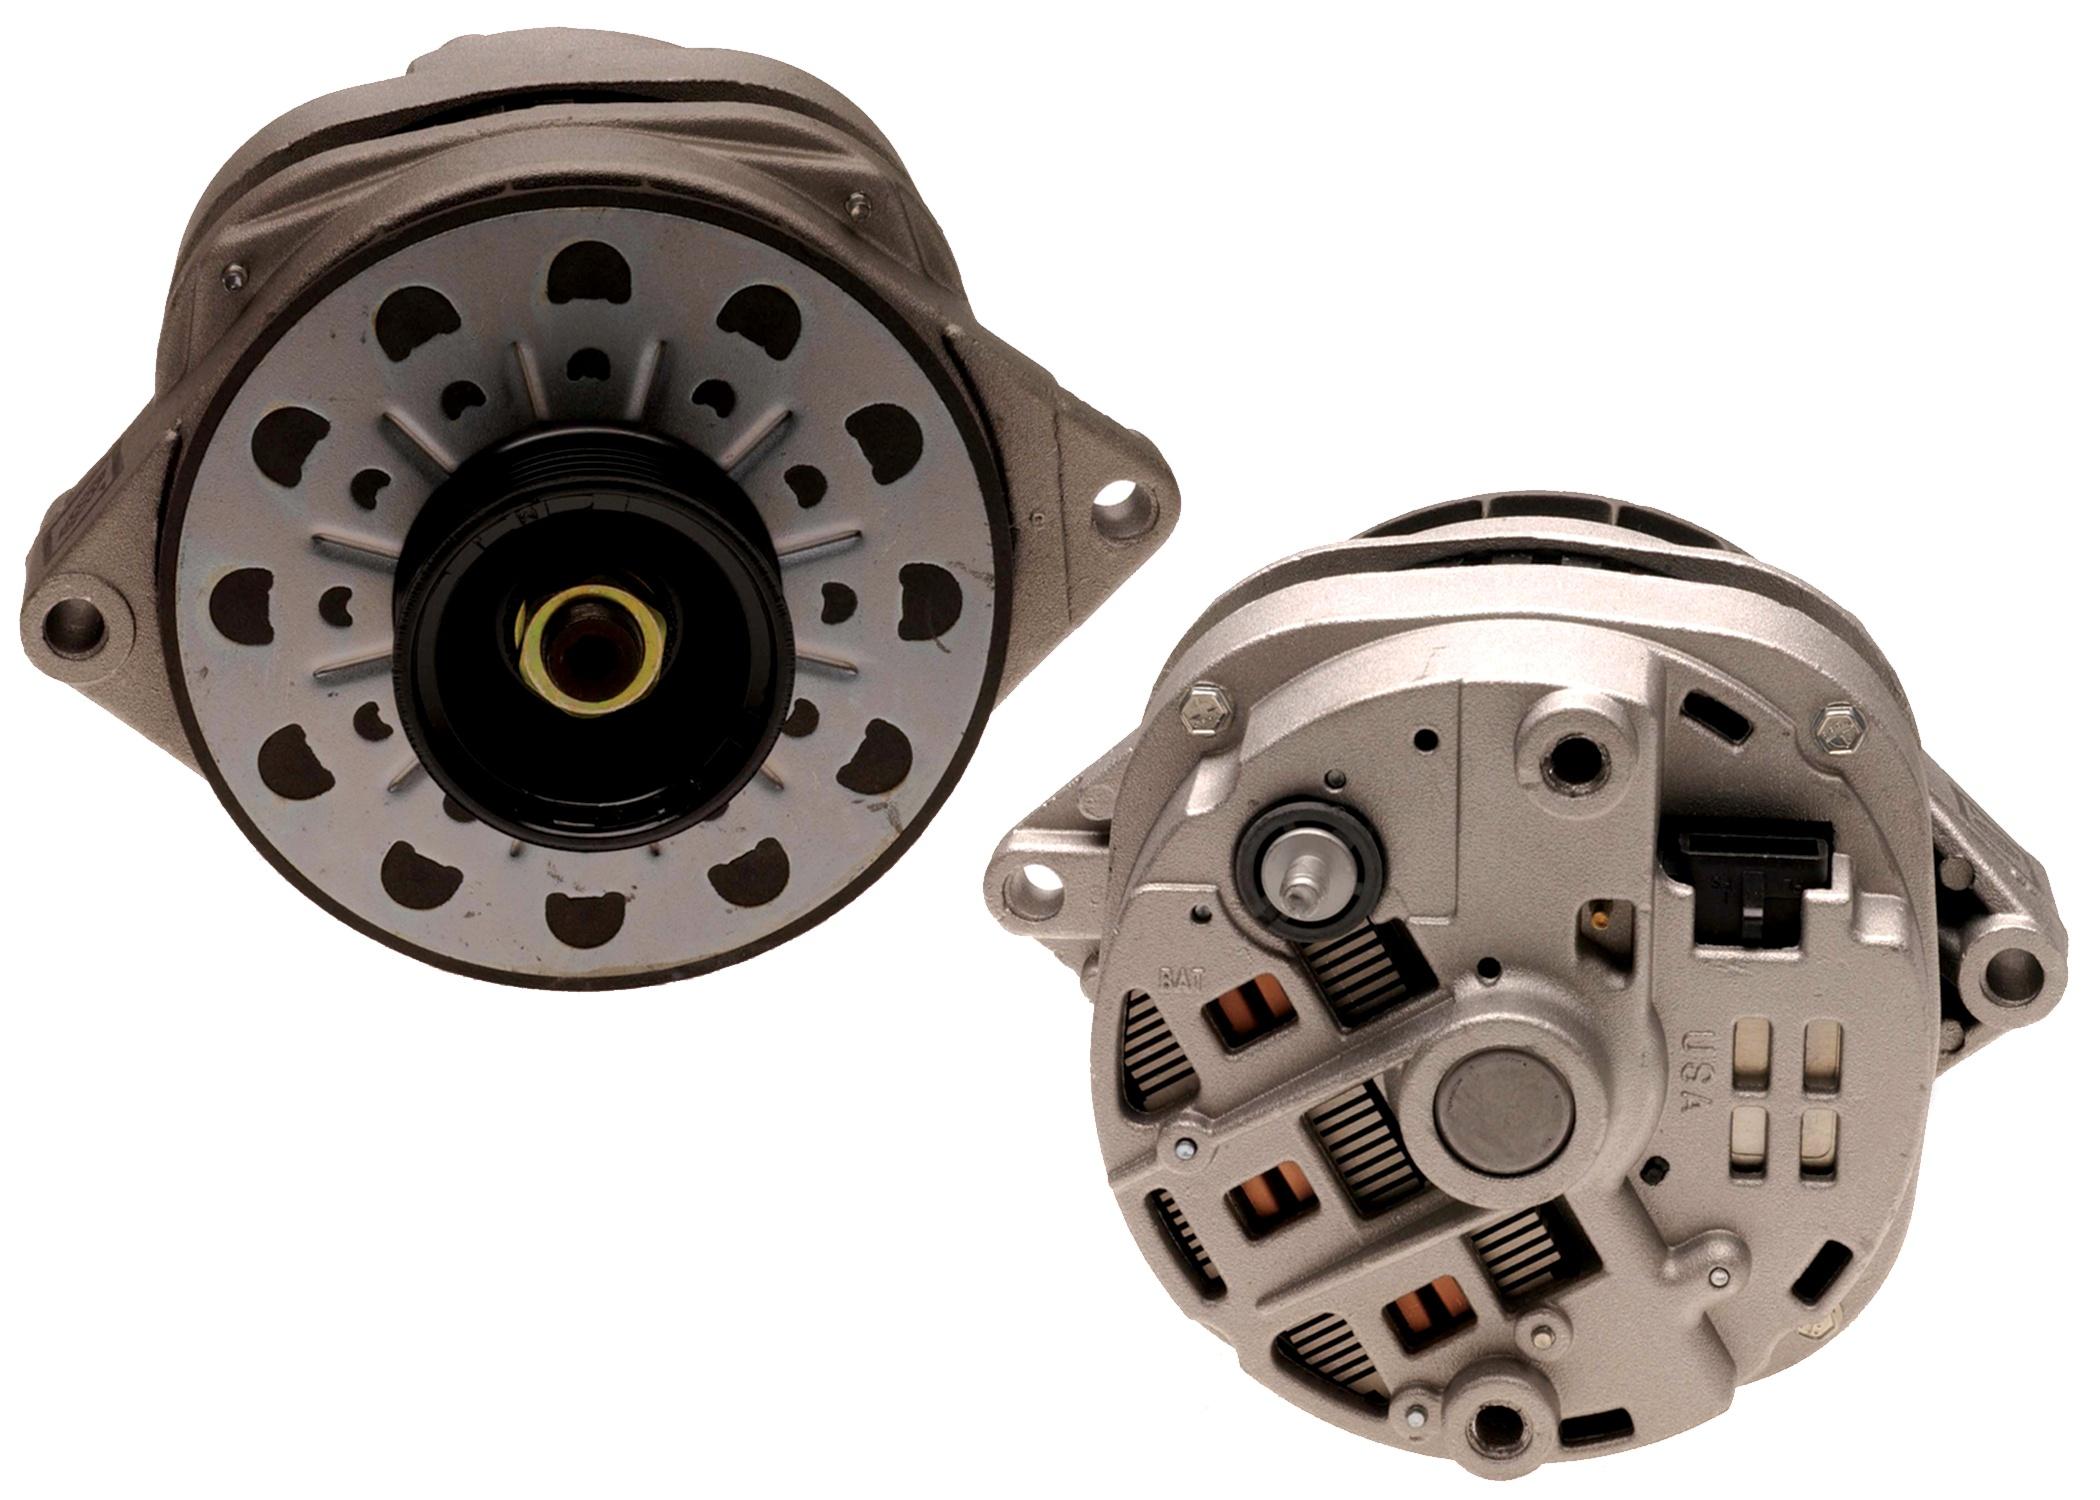 ACDELCO GM ORIGINAL EQUIPMENT - Reman Alternator - DCB 321-1089